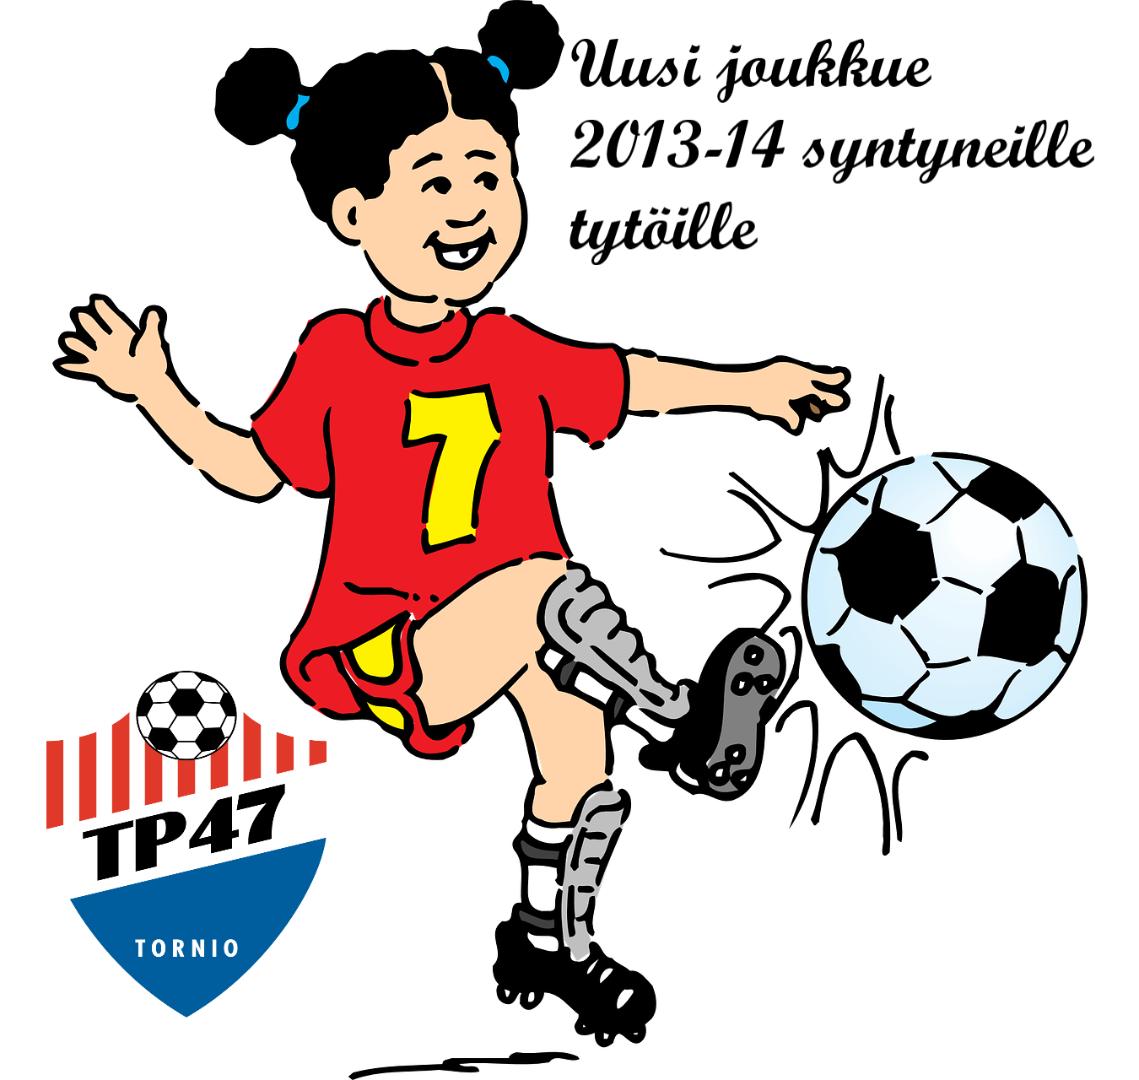 TP-47 perustaa uuden joukkueen 2013-14 syntyneille tytöille!